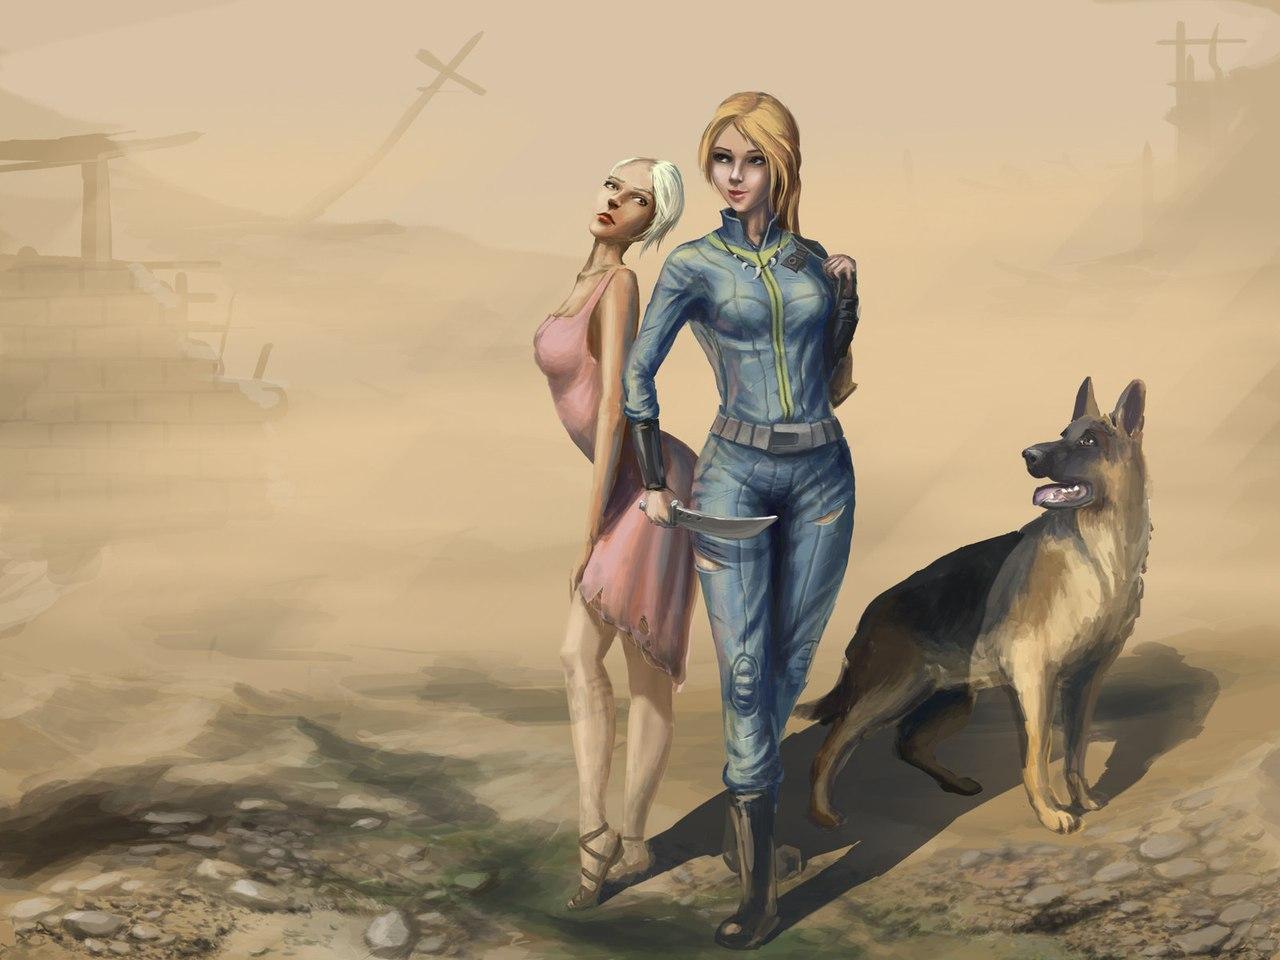 Art - Fallout 4